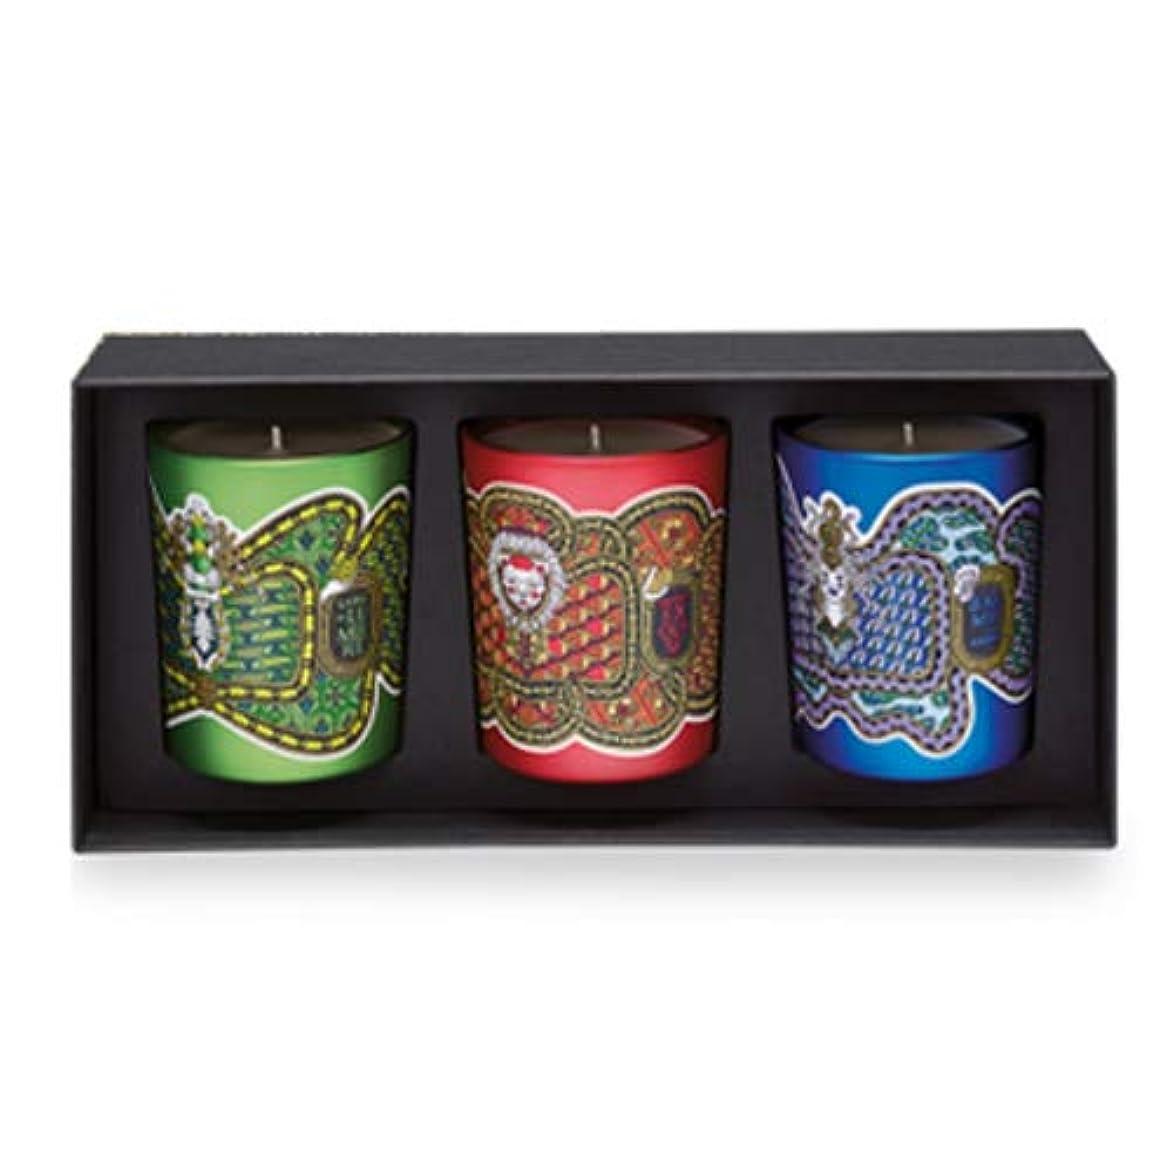 農学欠伸配置ディプティック フレグランス キャンドル コフレ 3種類の香り 190g×3 DIPTYQUE LEGENDE DU NORD SCENTED HOLIDAY 3 CANDLE SET [6586] [並行輸入品]